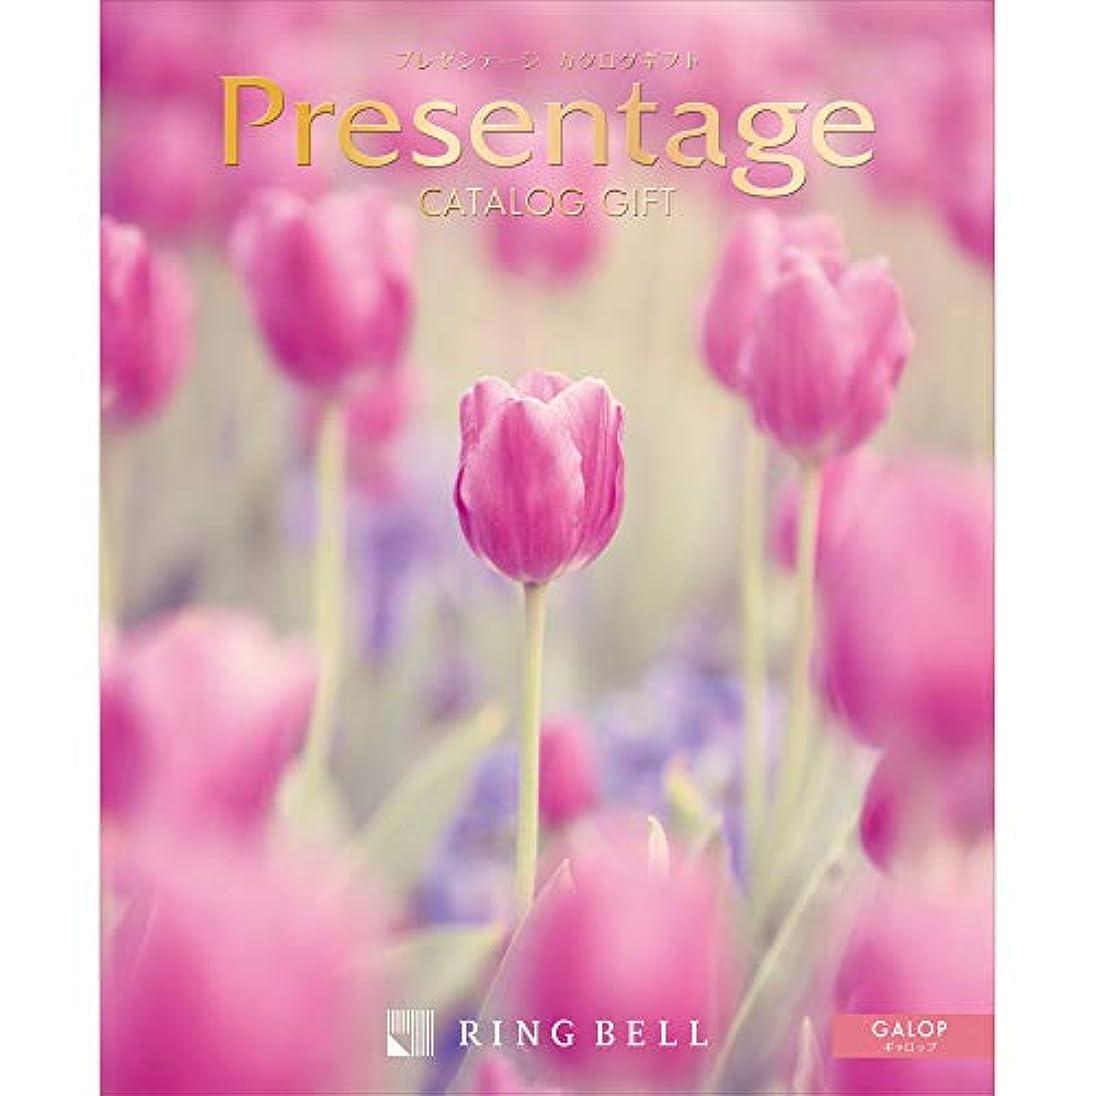 確認してください引数どれでもリンベル カタログギフト Presentage (プレゼンテージ) ギャロップ 包装紙:ルシェローズ